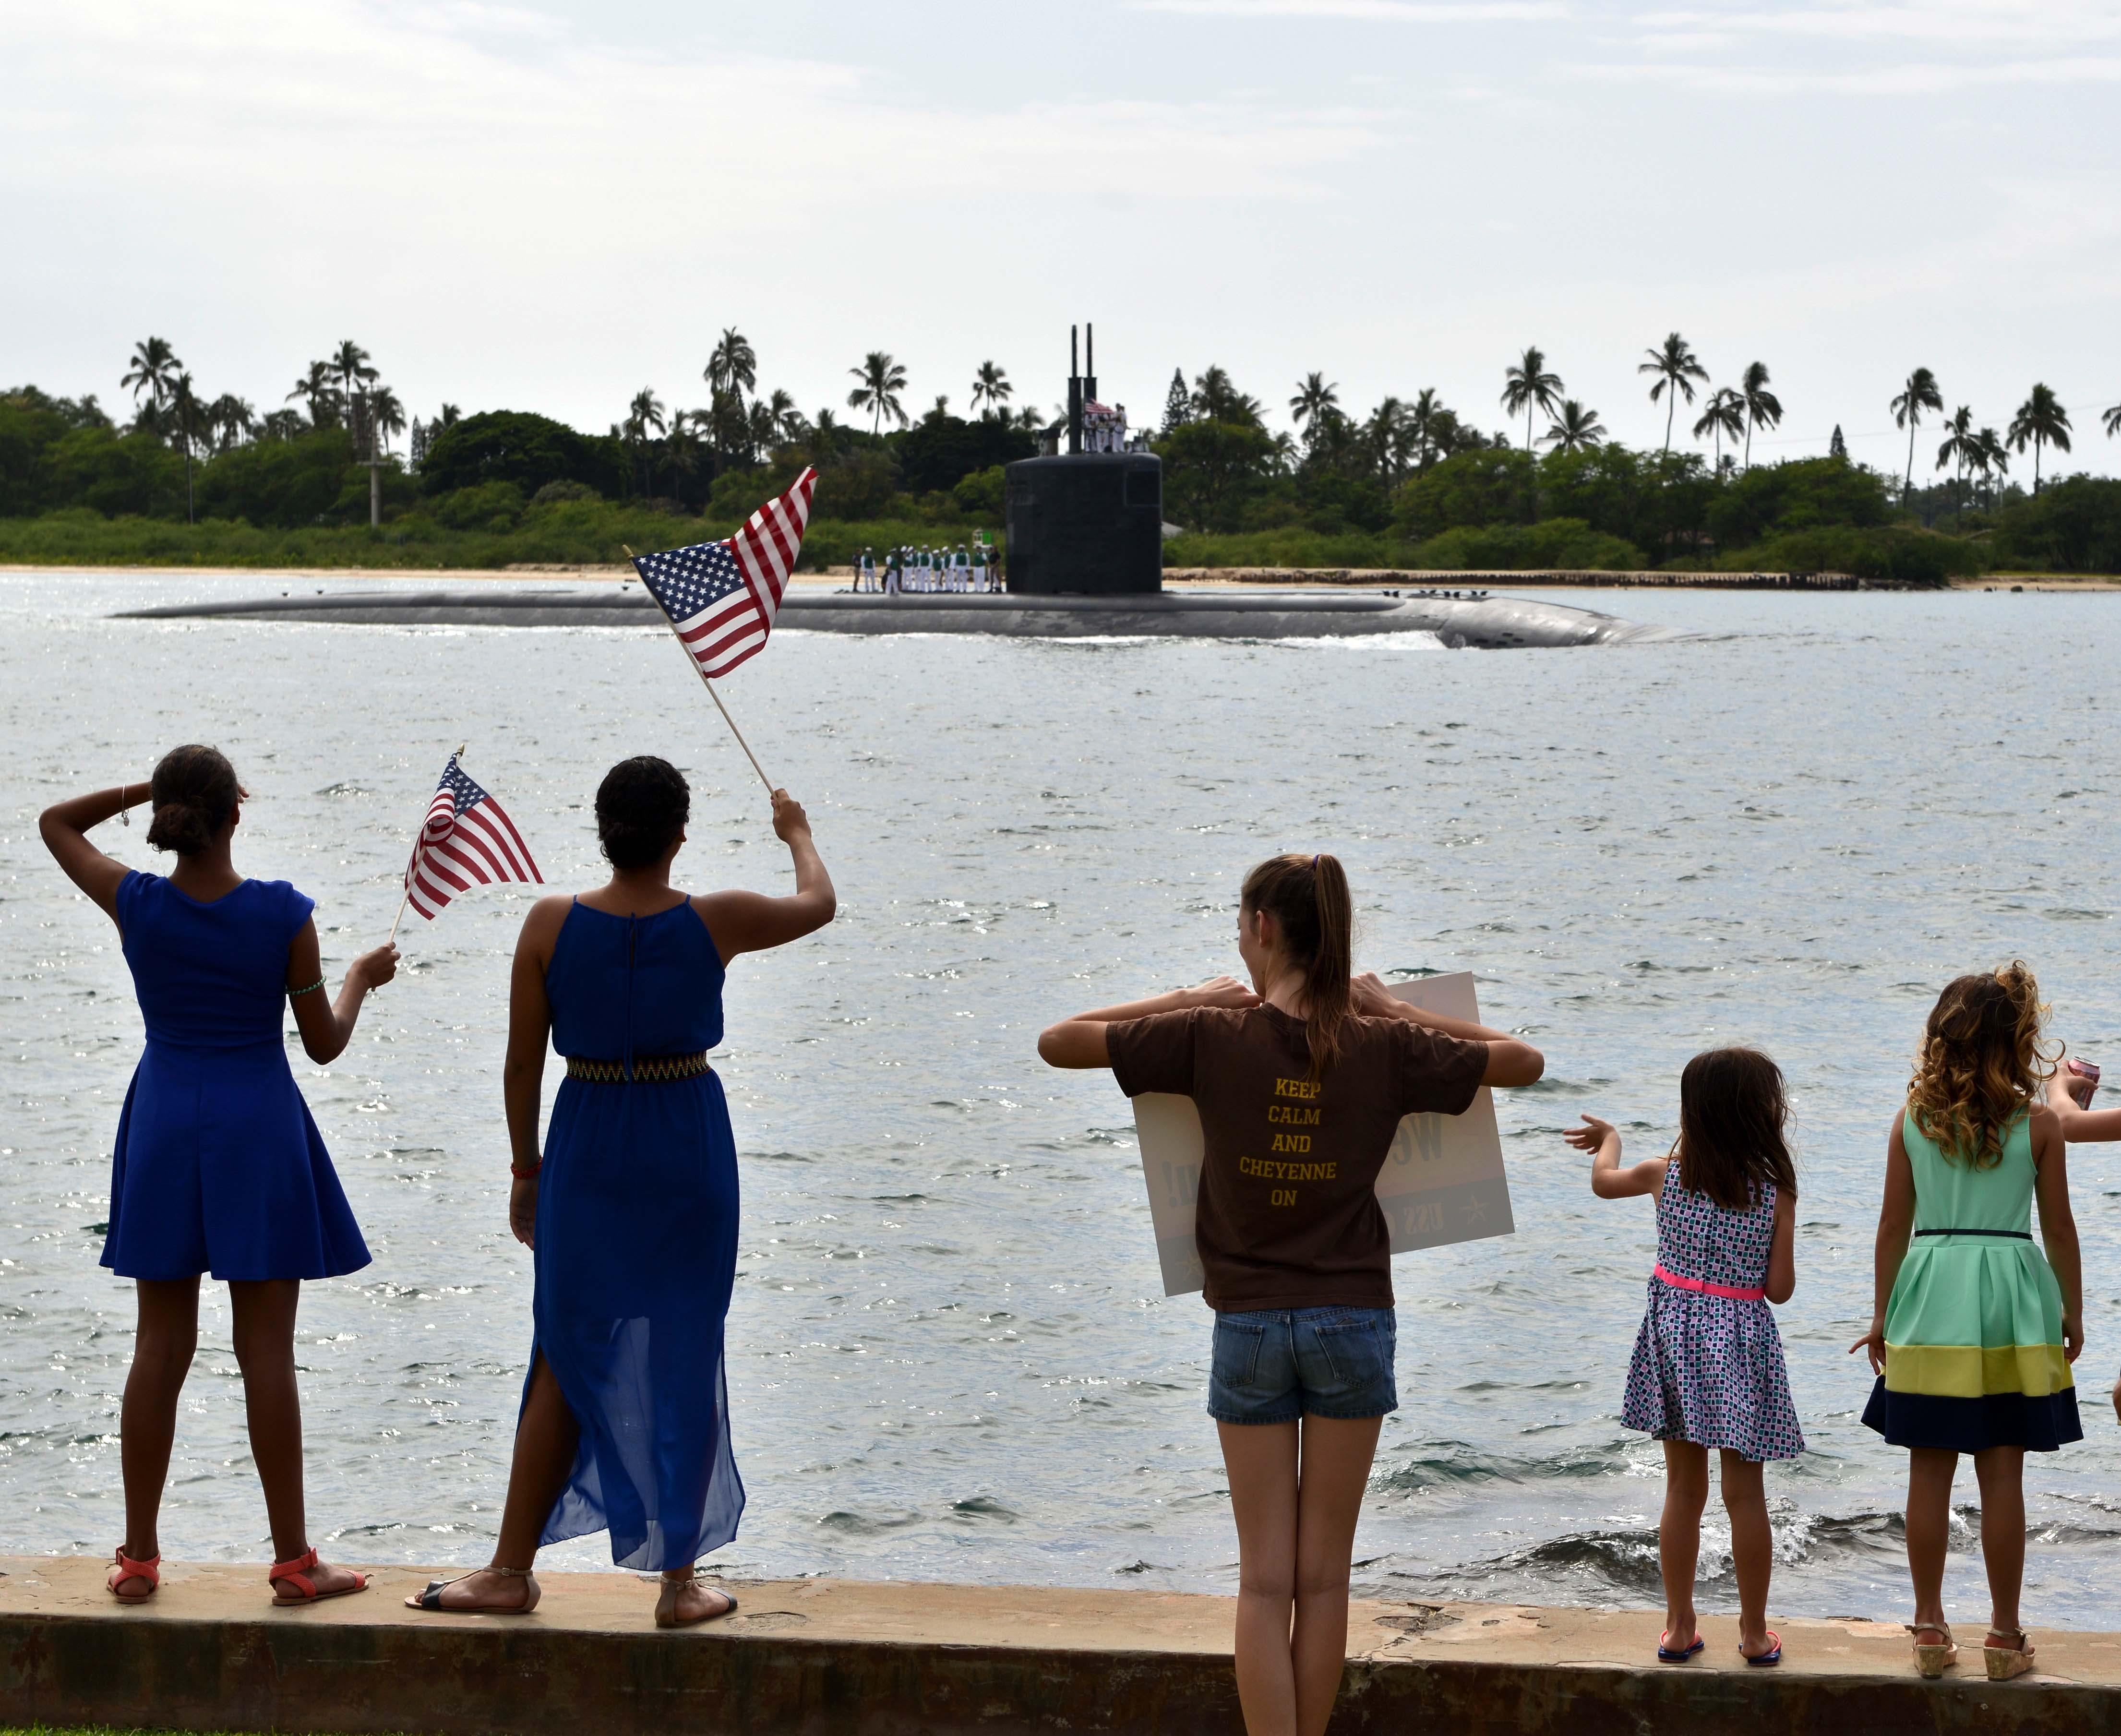 USS CHEYENNE SSN-773 Einlaufen Pearl Harbor am 05.02.2016 Bild: U.S. Navy